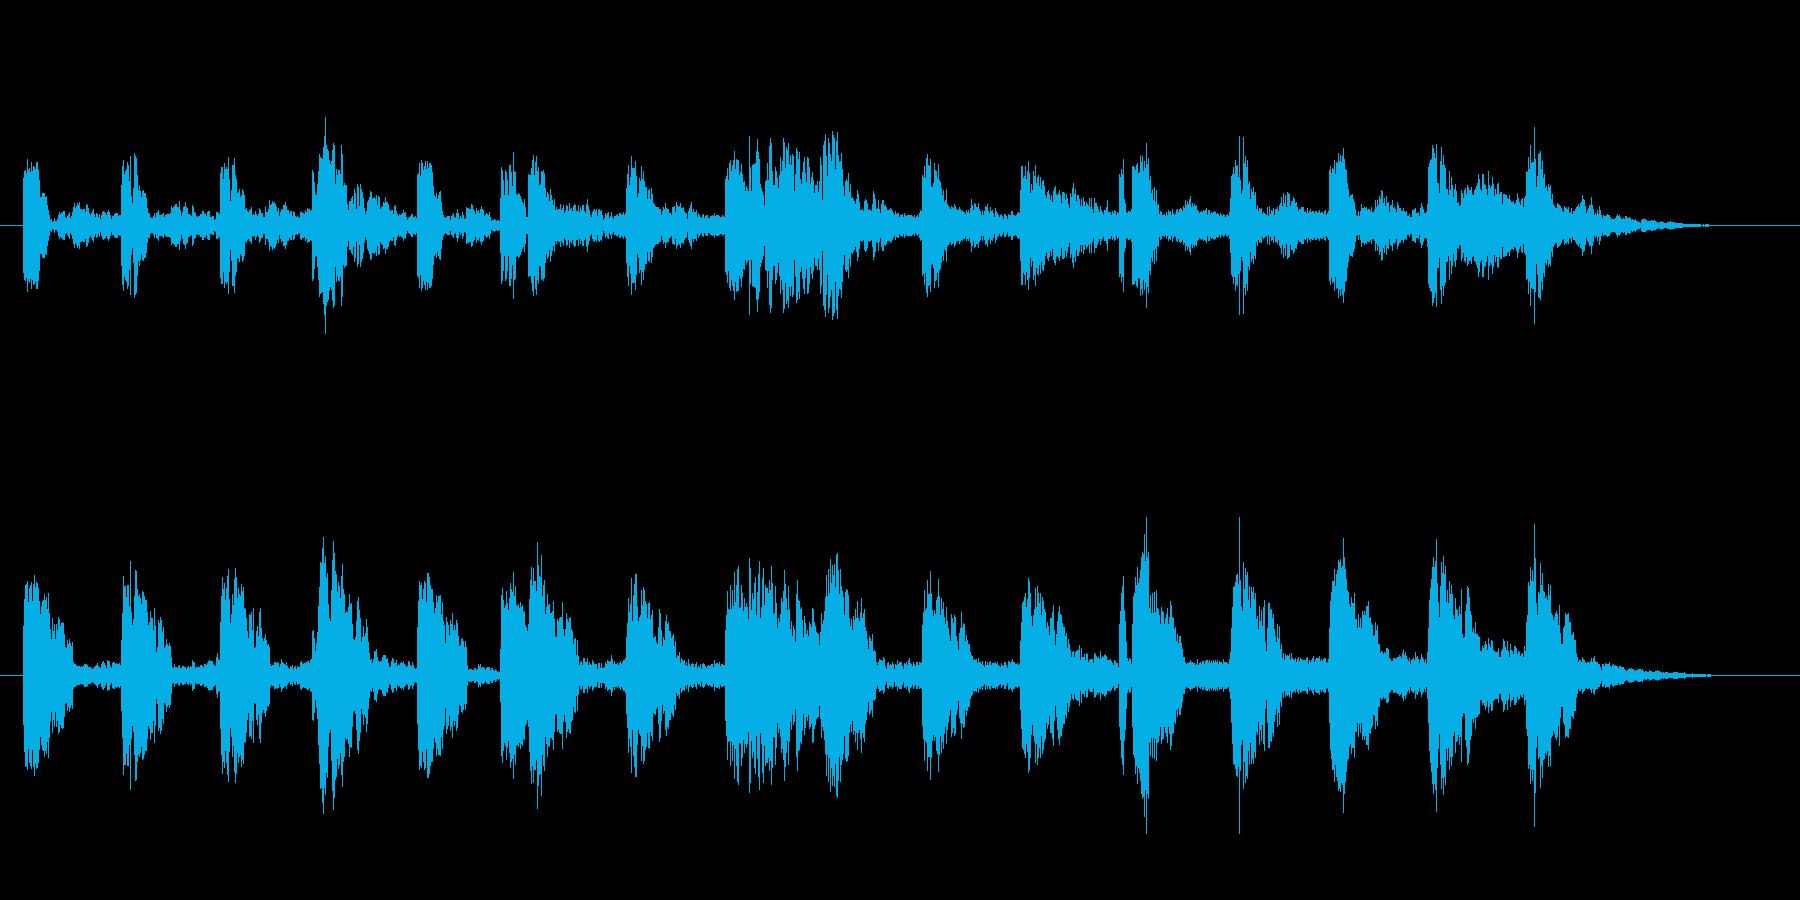 神秘的で幻想的なジングルの再生済みの波形